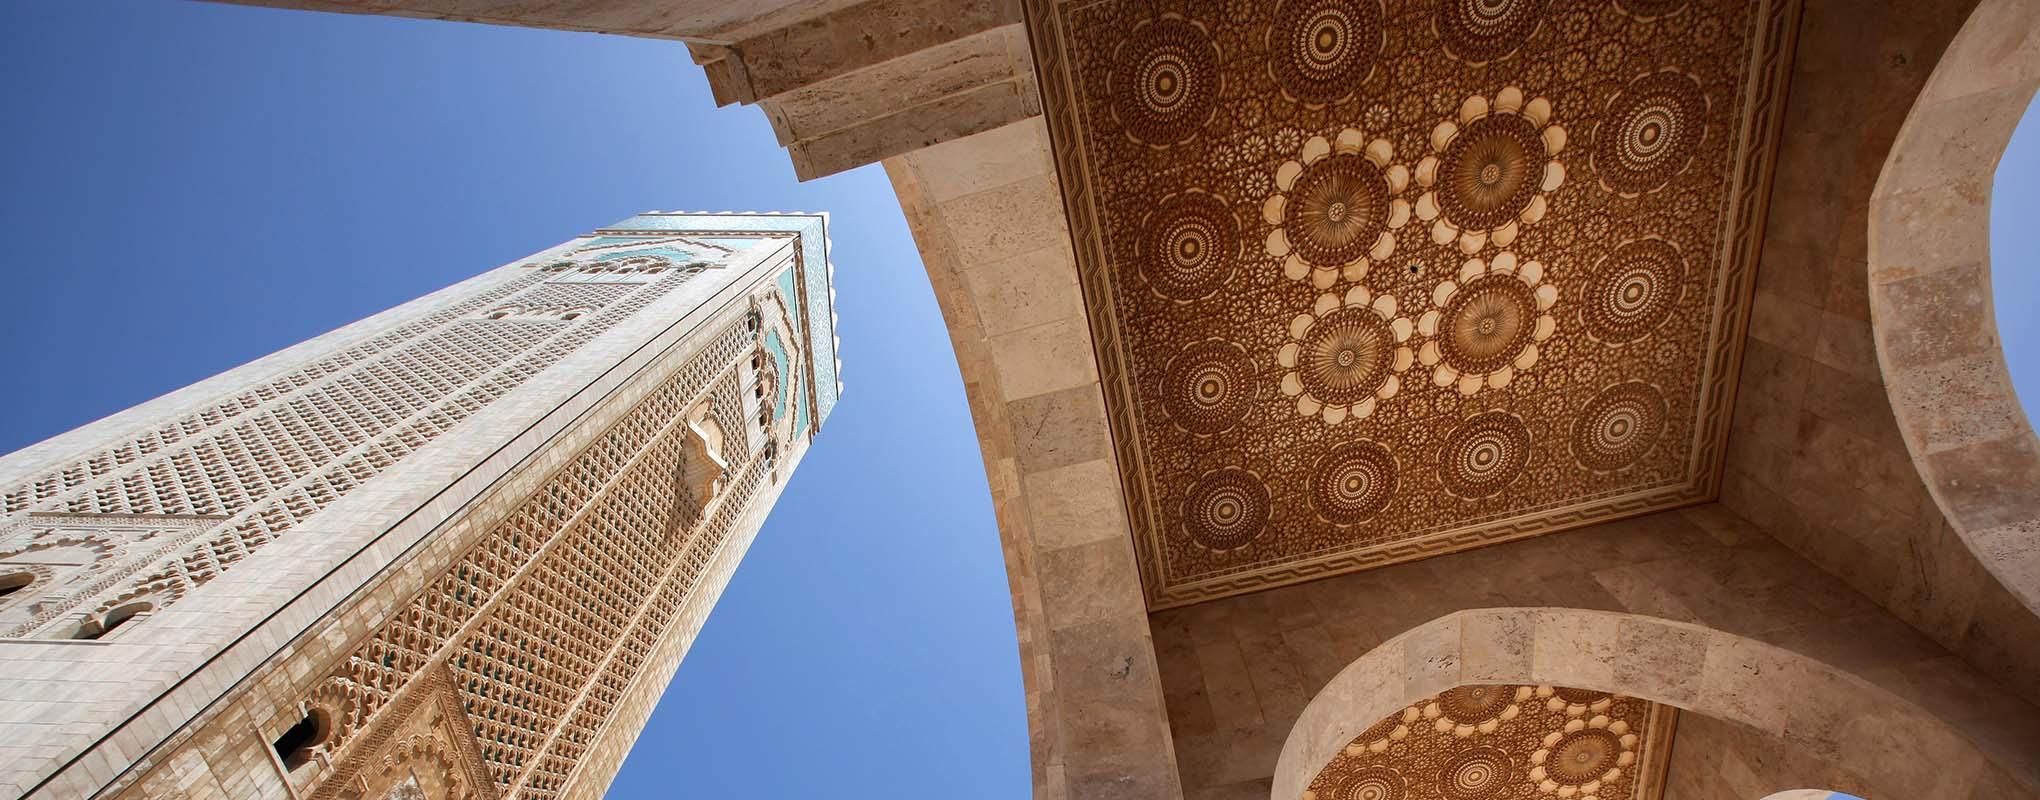 Casablanca Marruecos